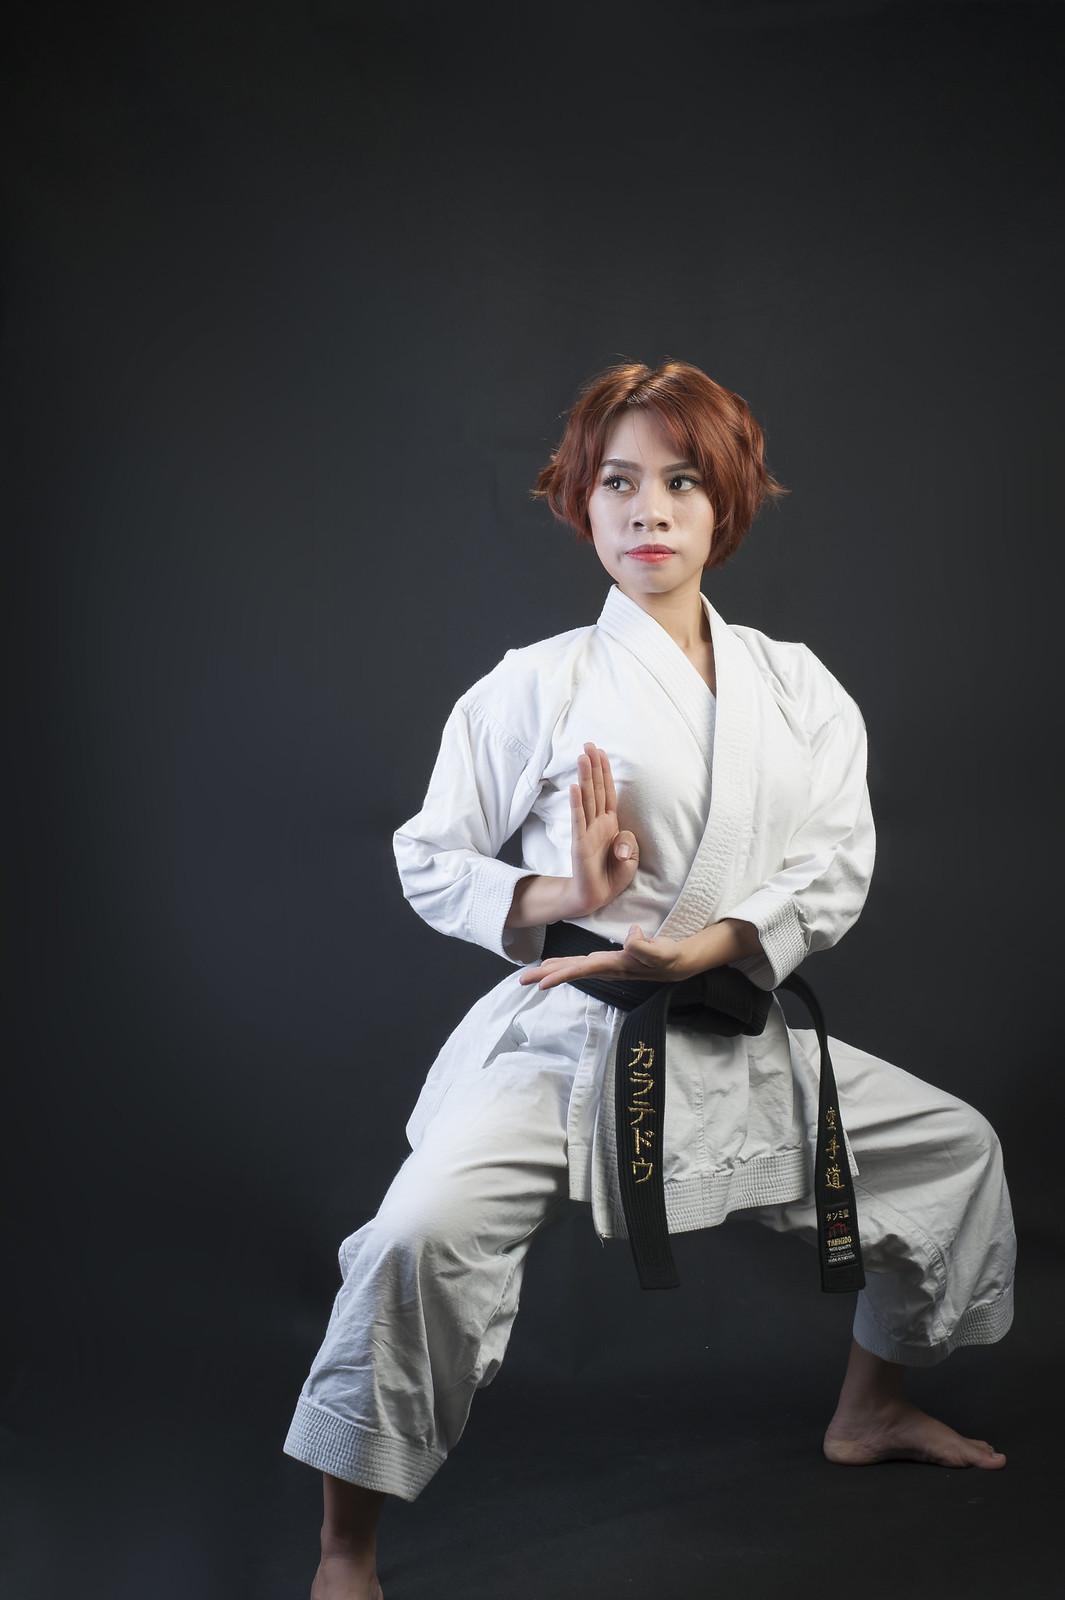 42980375531 46ca9f8f14 h - Bộ ảnh võ thuật Karate Girl phiên bản Việt